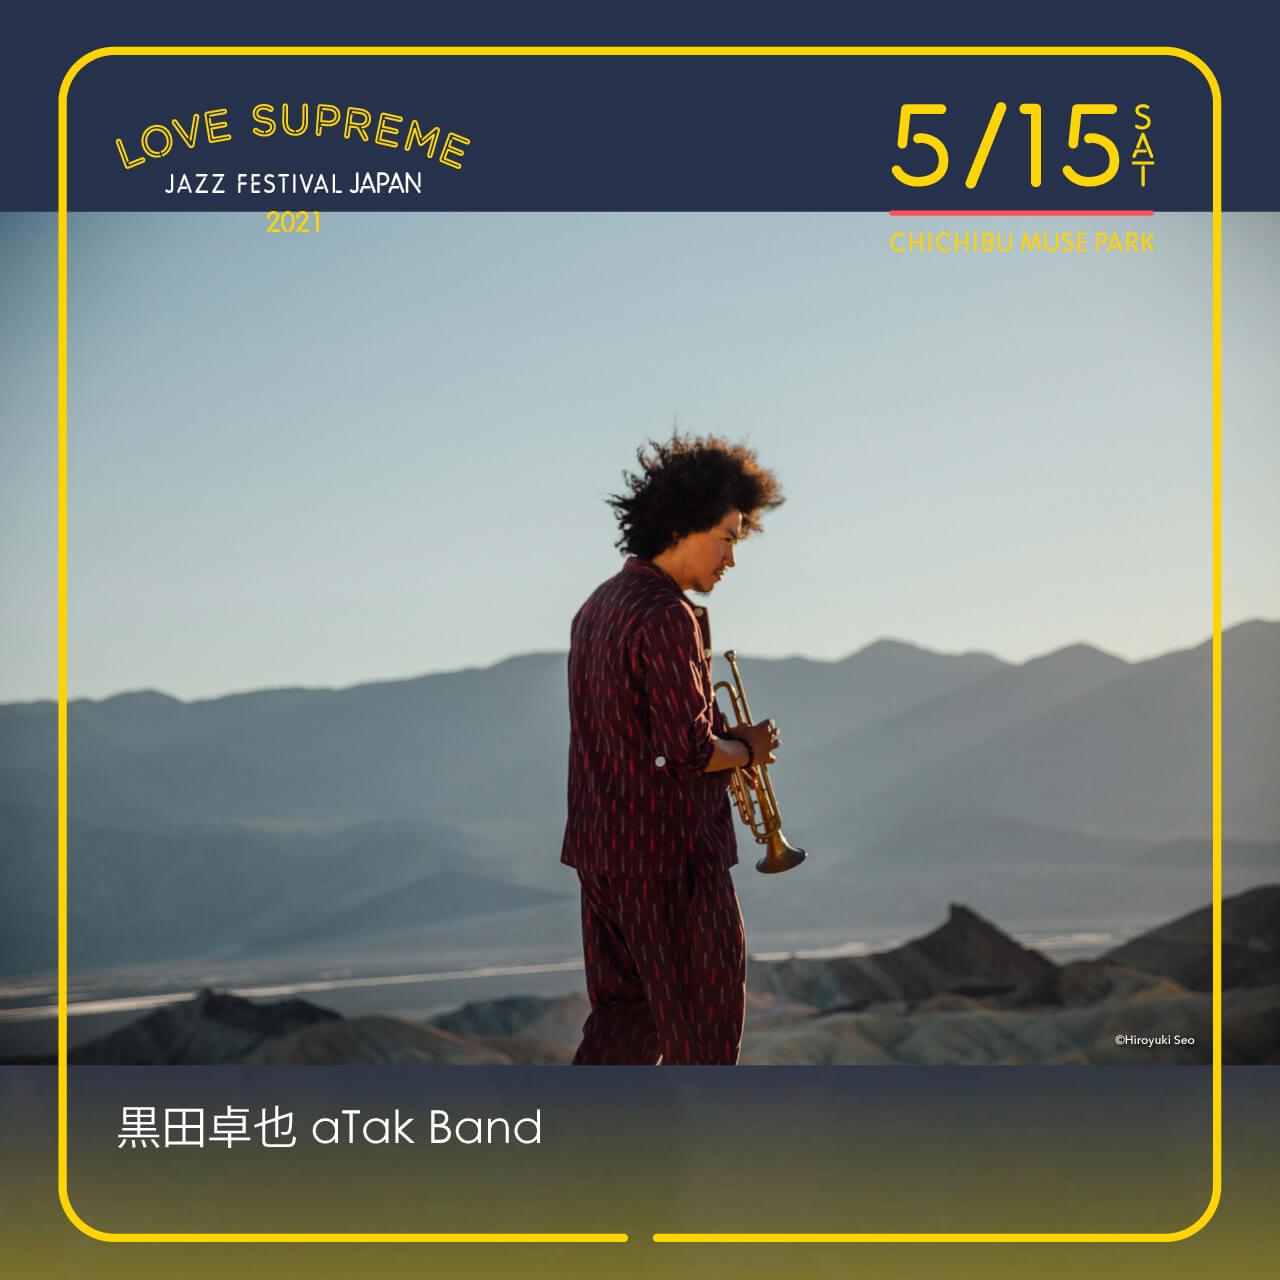 ジャズの祭典<LOVE SUPREME JAZZ FESTIVAL>が日本初開催決定!DREAMS COME TRUE、Ovall、WONKら第1弾アーティスト発表 music210308_lovesupreme_6